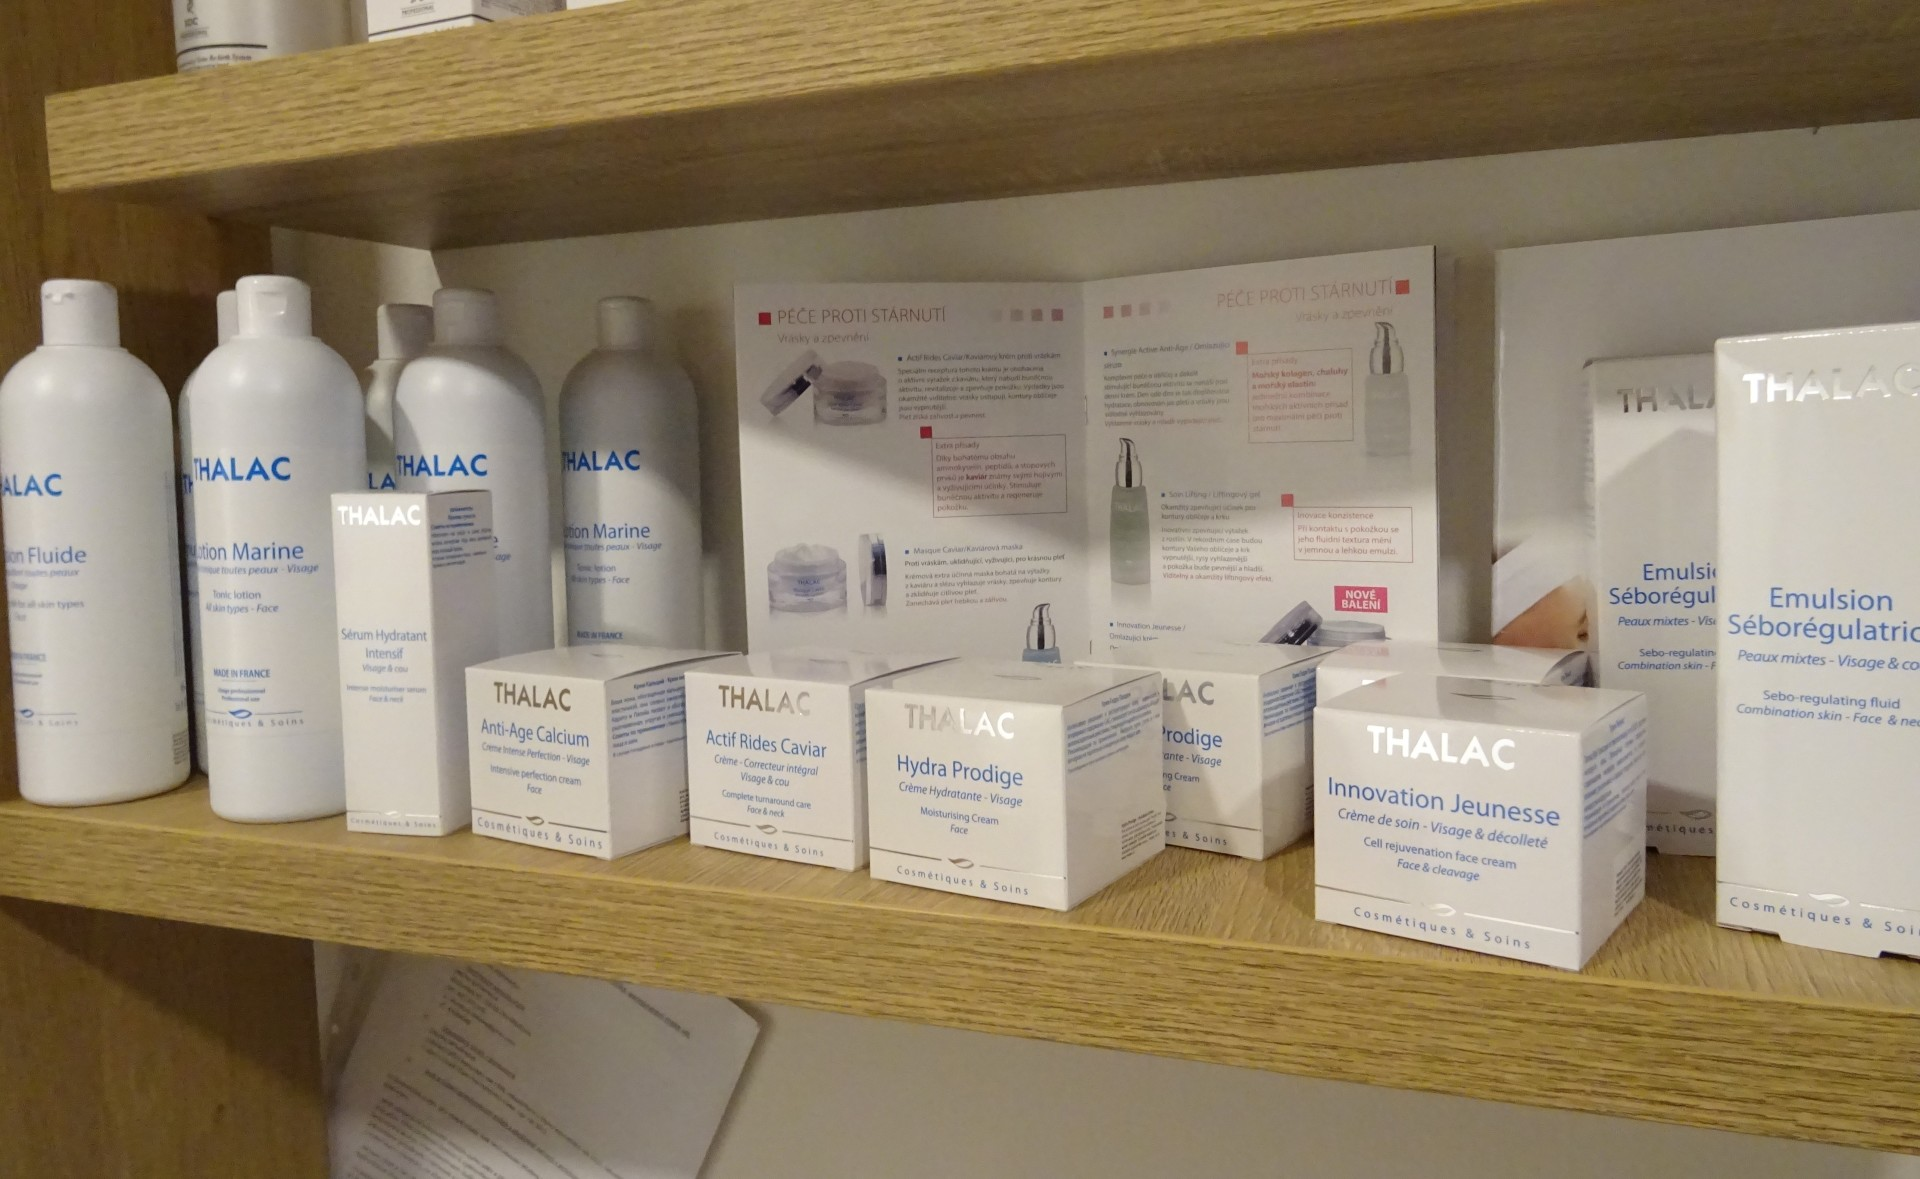 Kosmetický Salon Zdenka ve Zlíně, Permanetní make up, Kosmetické ošetření pleti, microneedling, microjehličkování